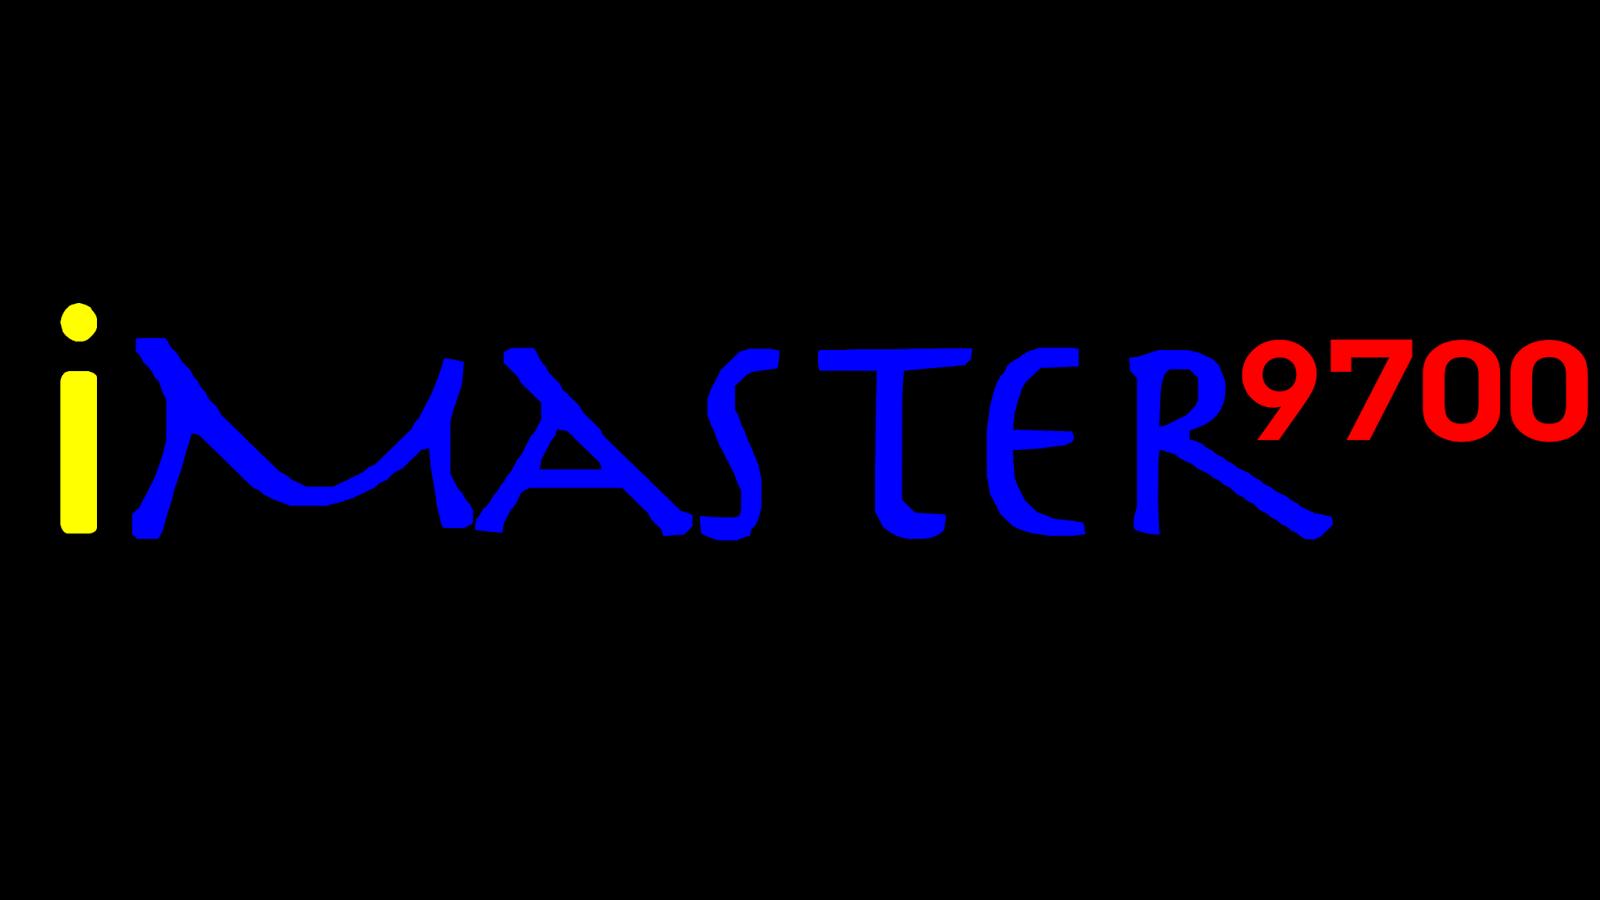 imaster9700.blogspot.com